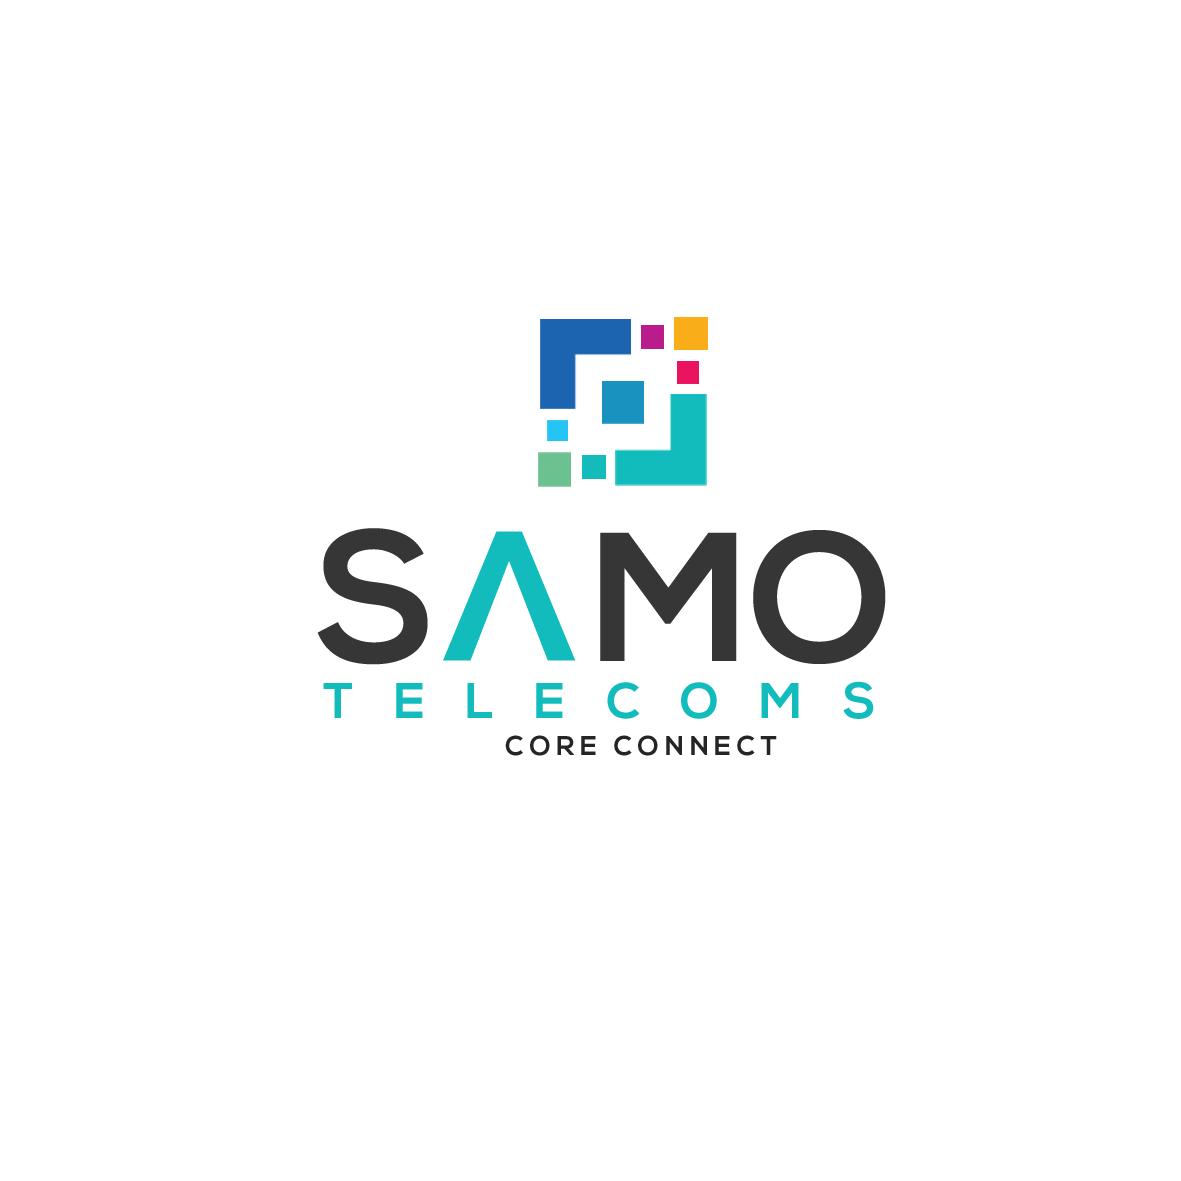 SAMO TELECOMS